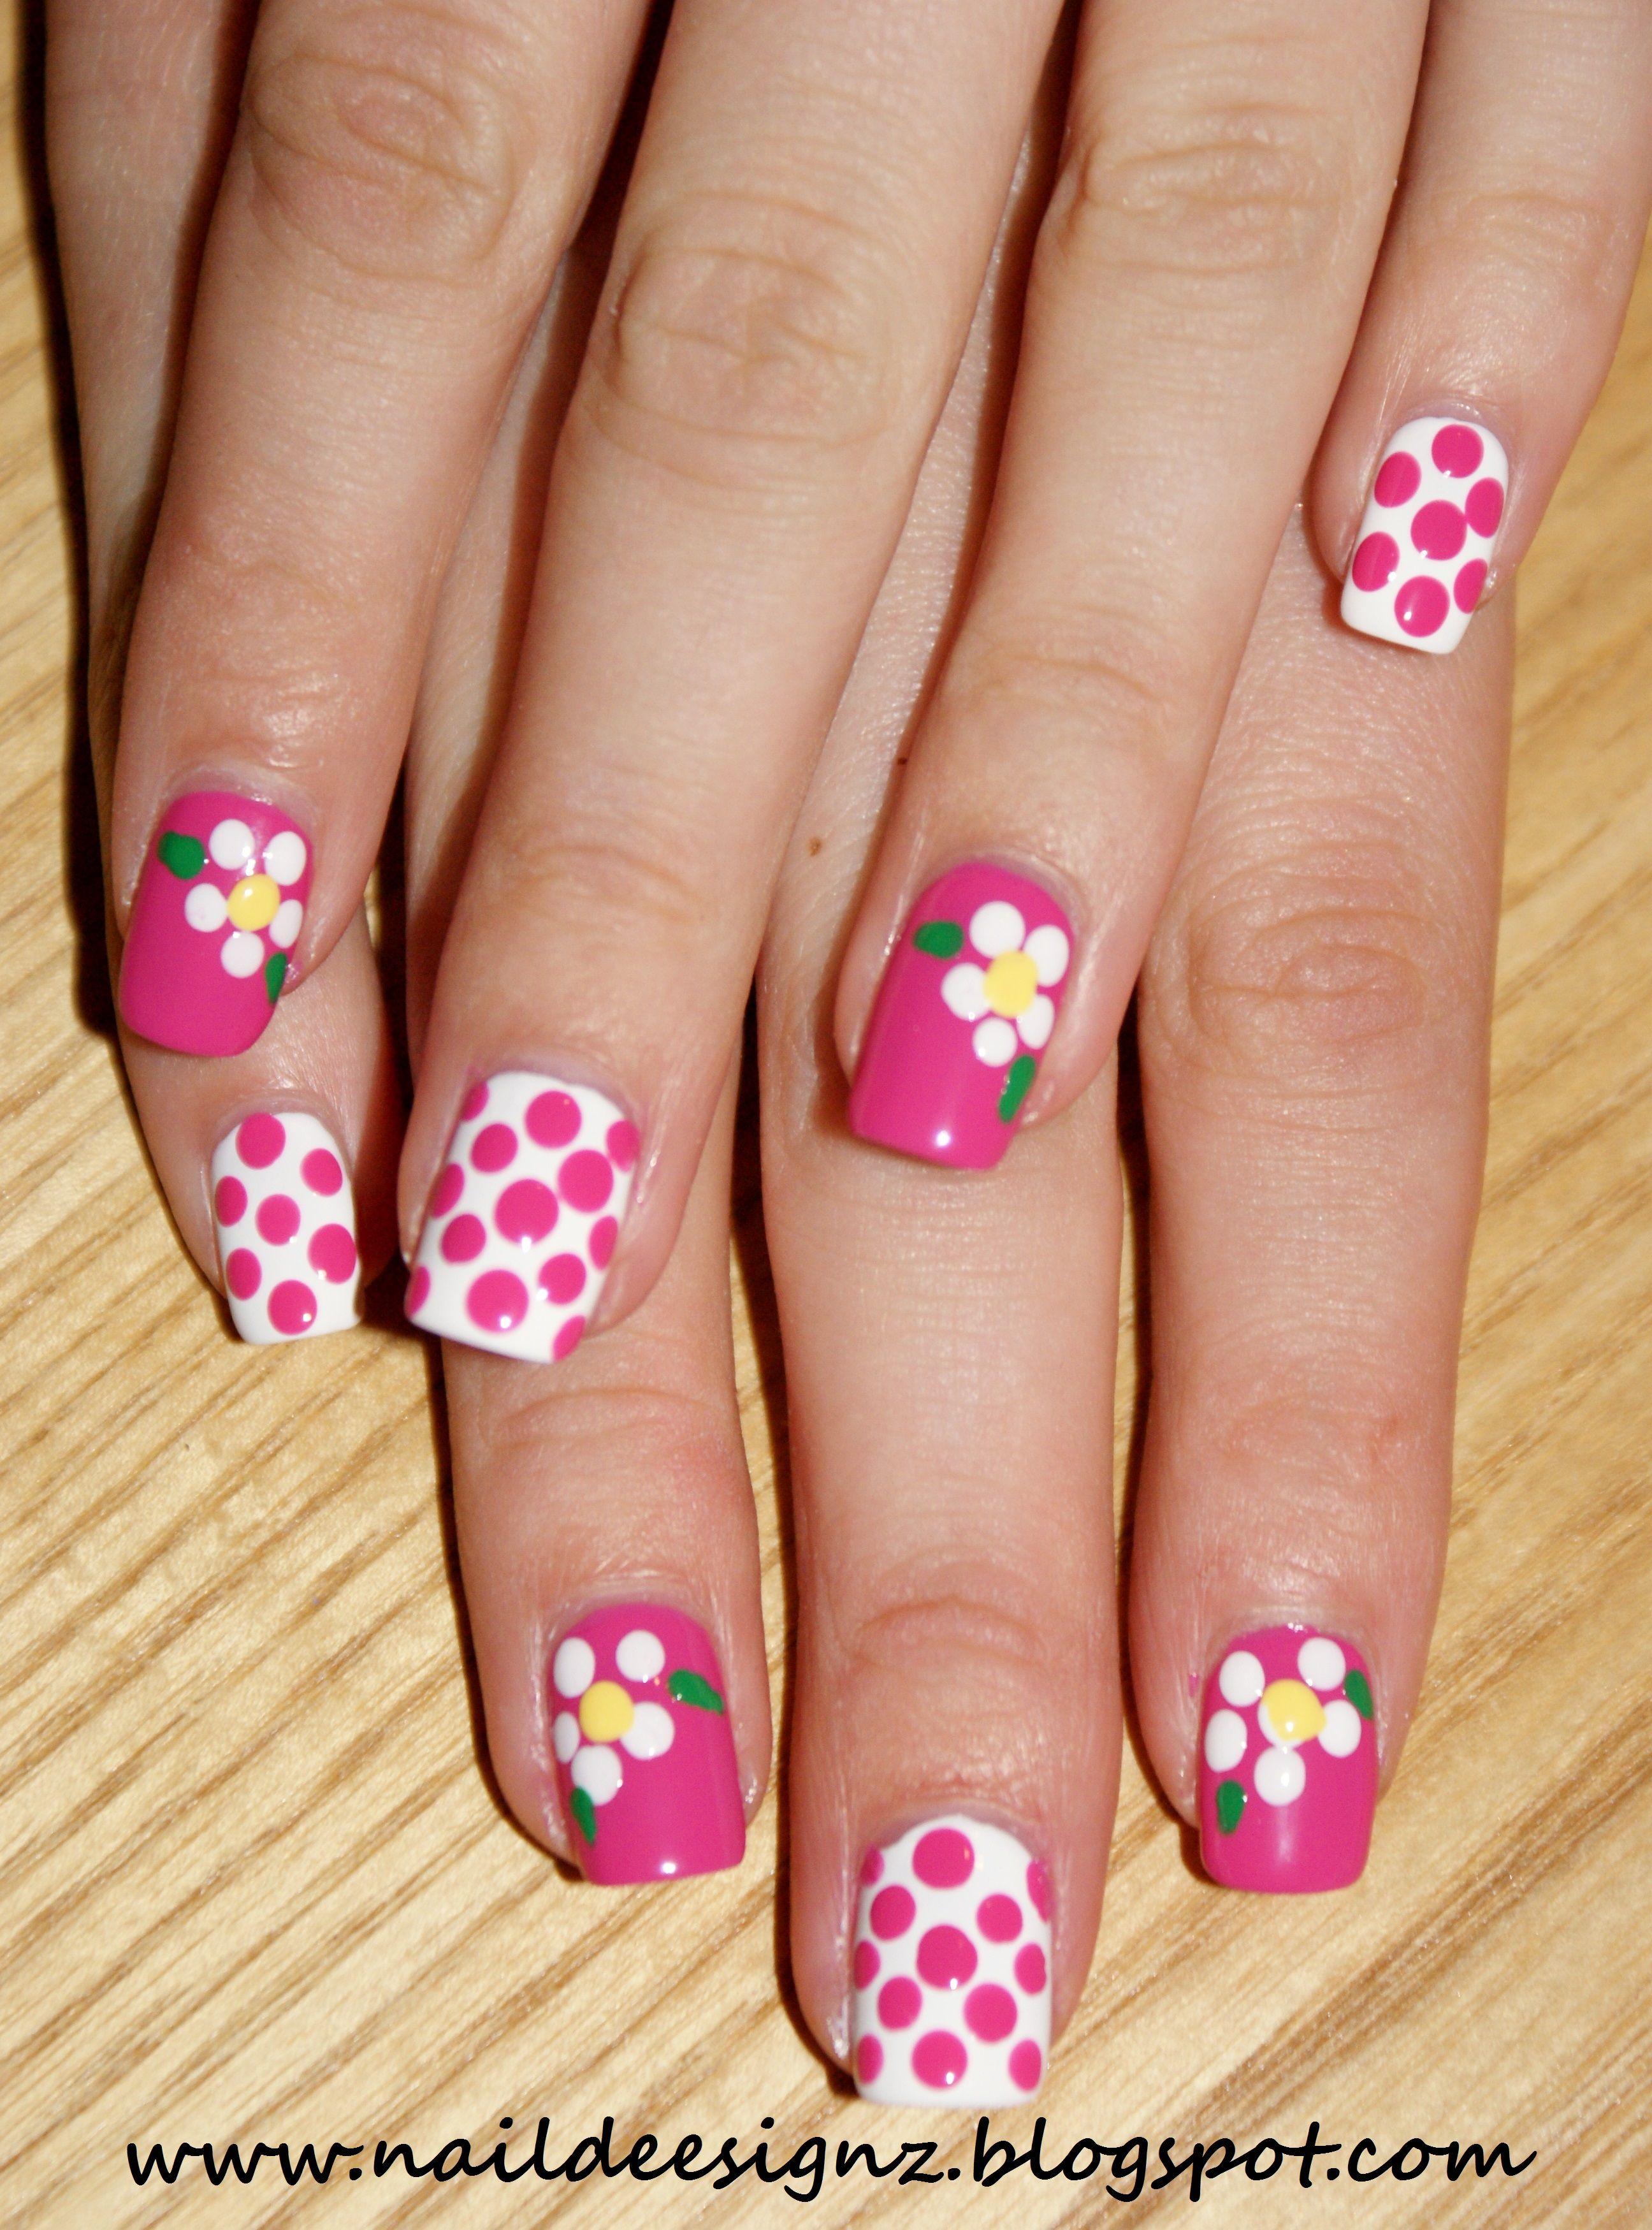 Polka Dot Flower Nail Art X Httpnaildeesignzspot